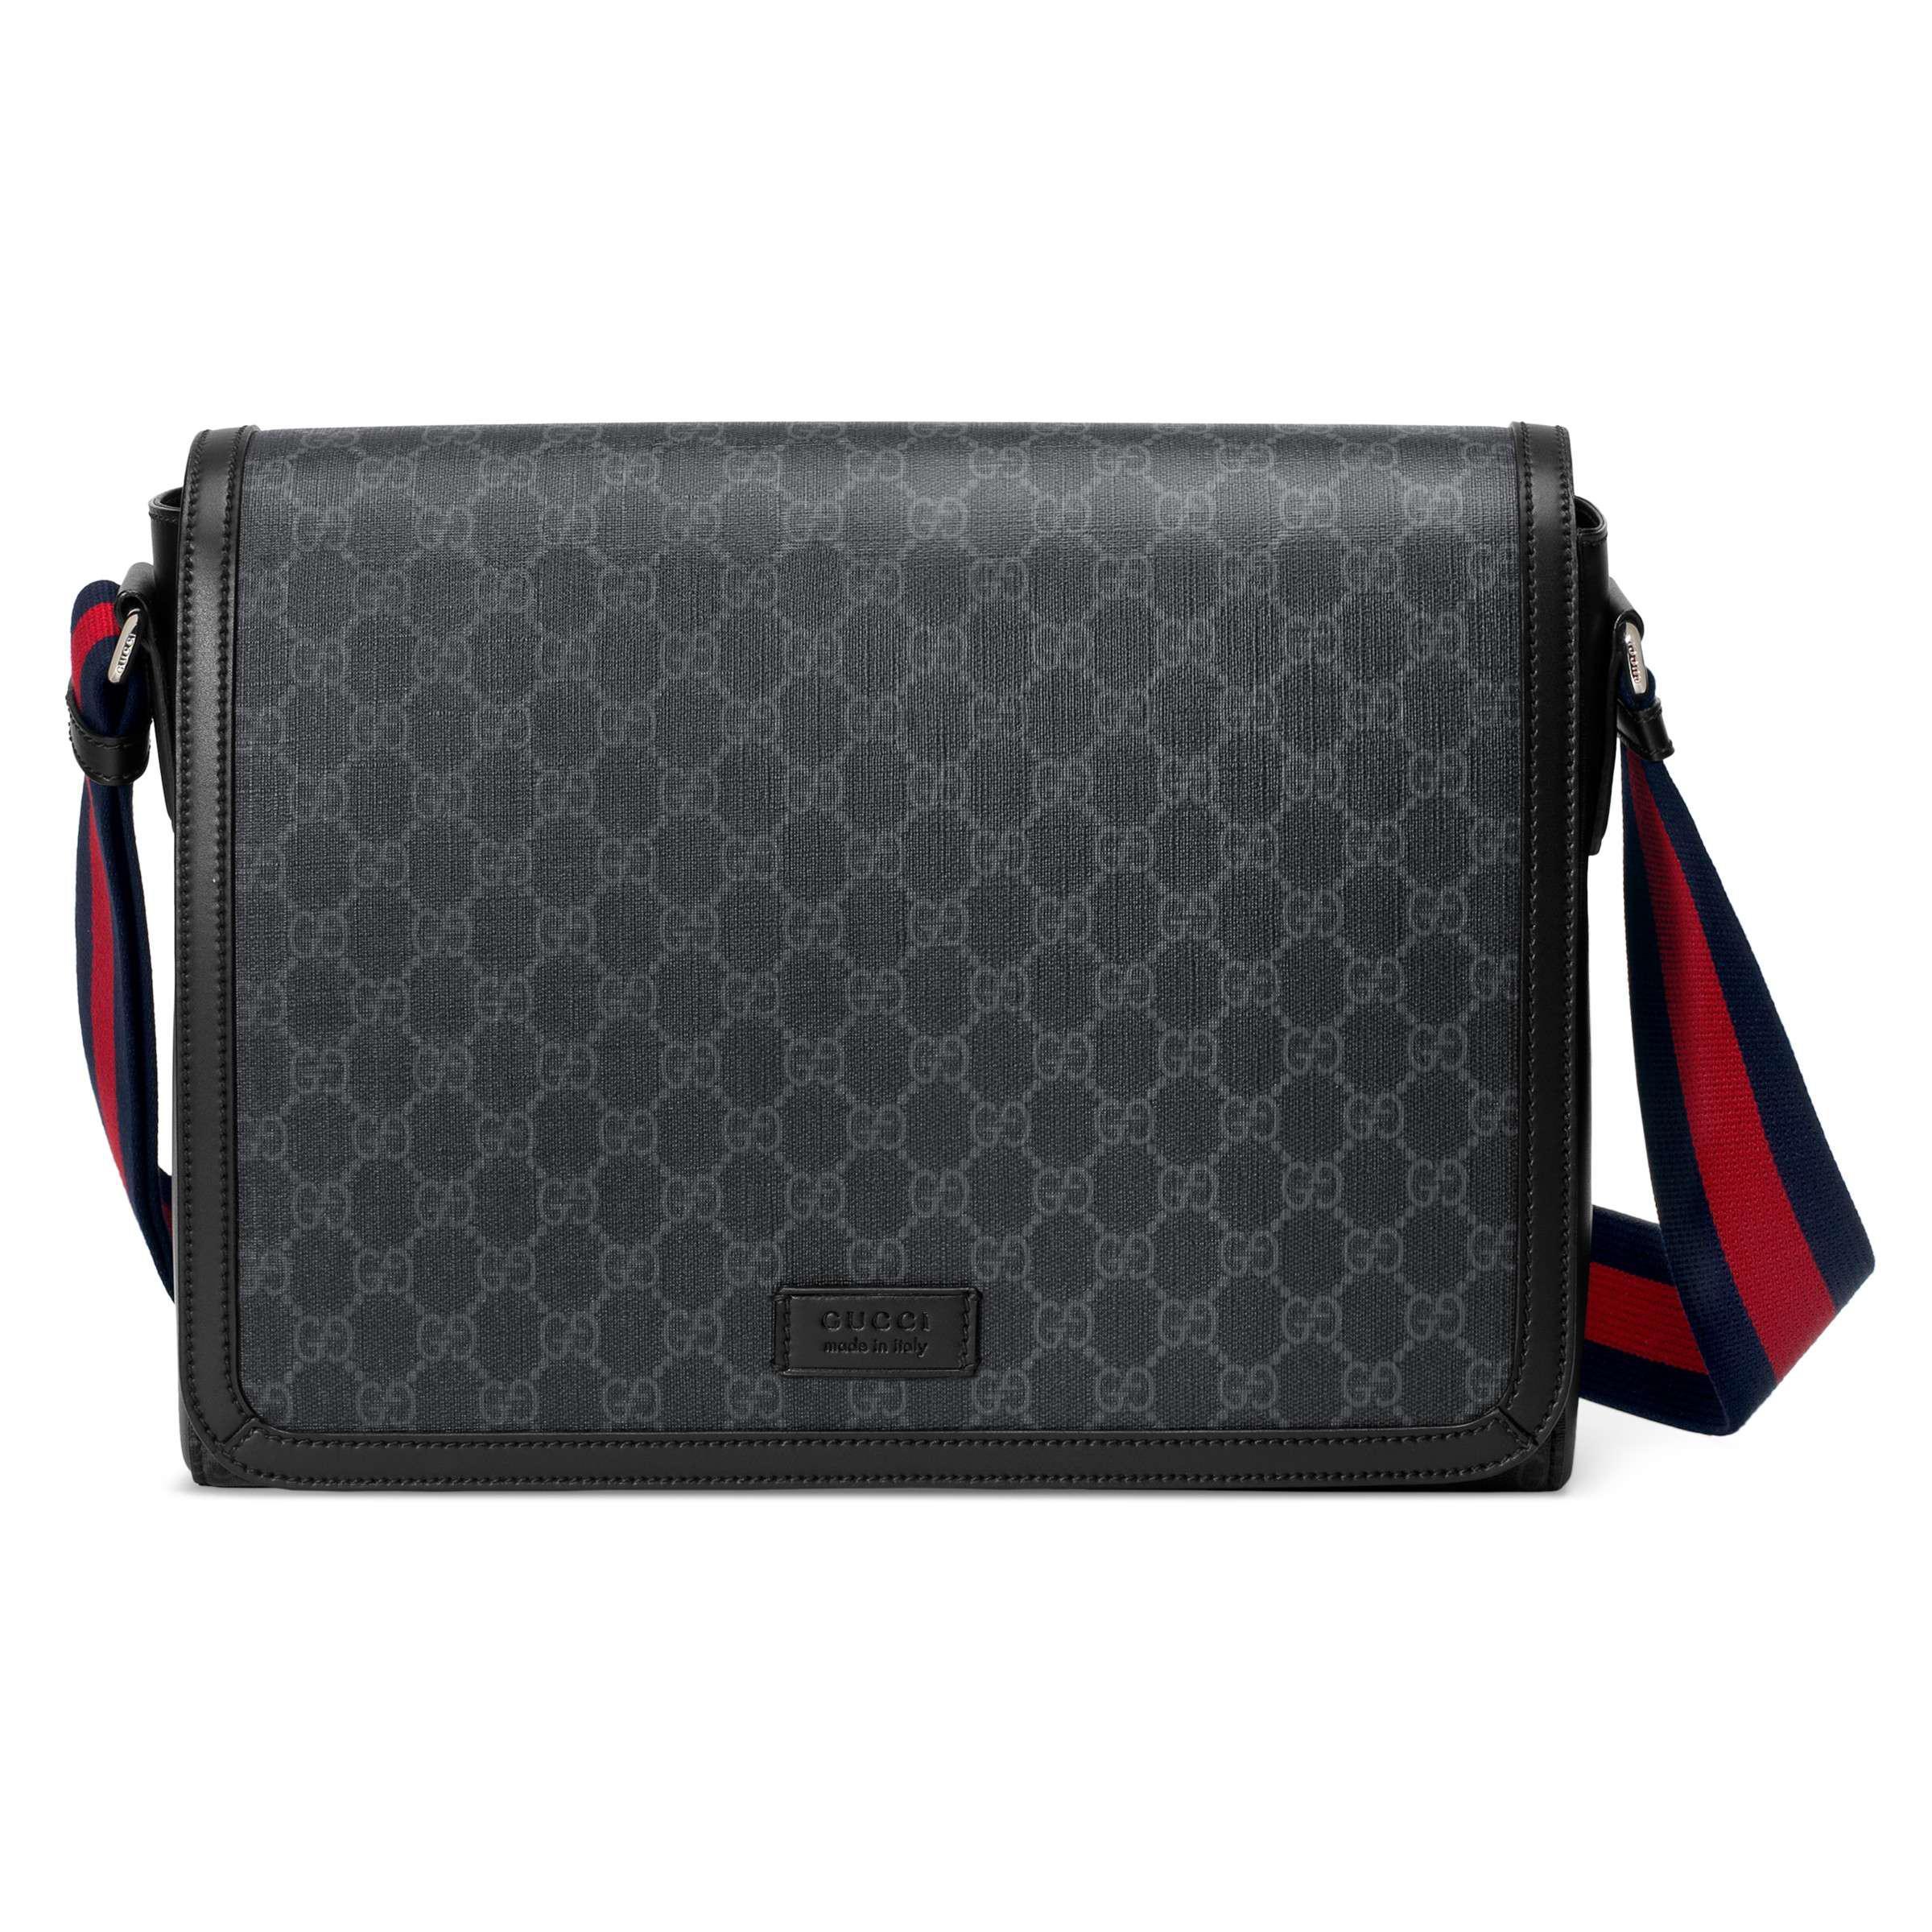 11bf149c9a Sac porté épaule GG Supreme Gucci pour homme en coloris Noir - Lyst